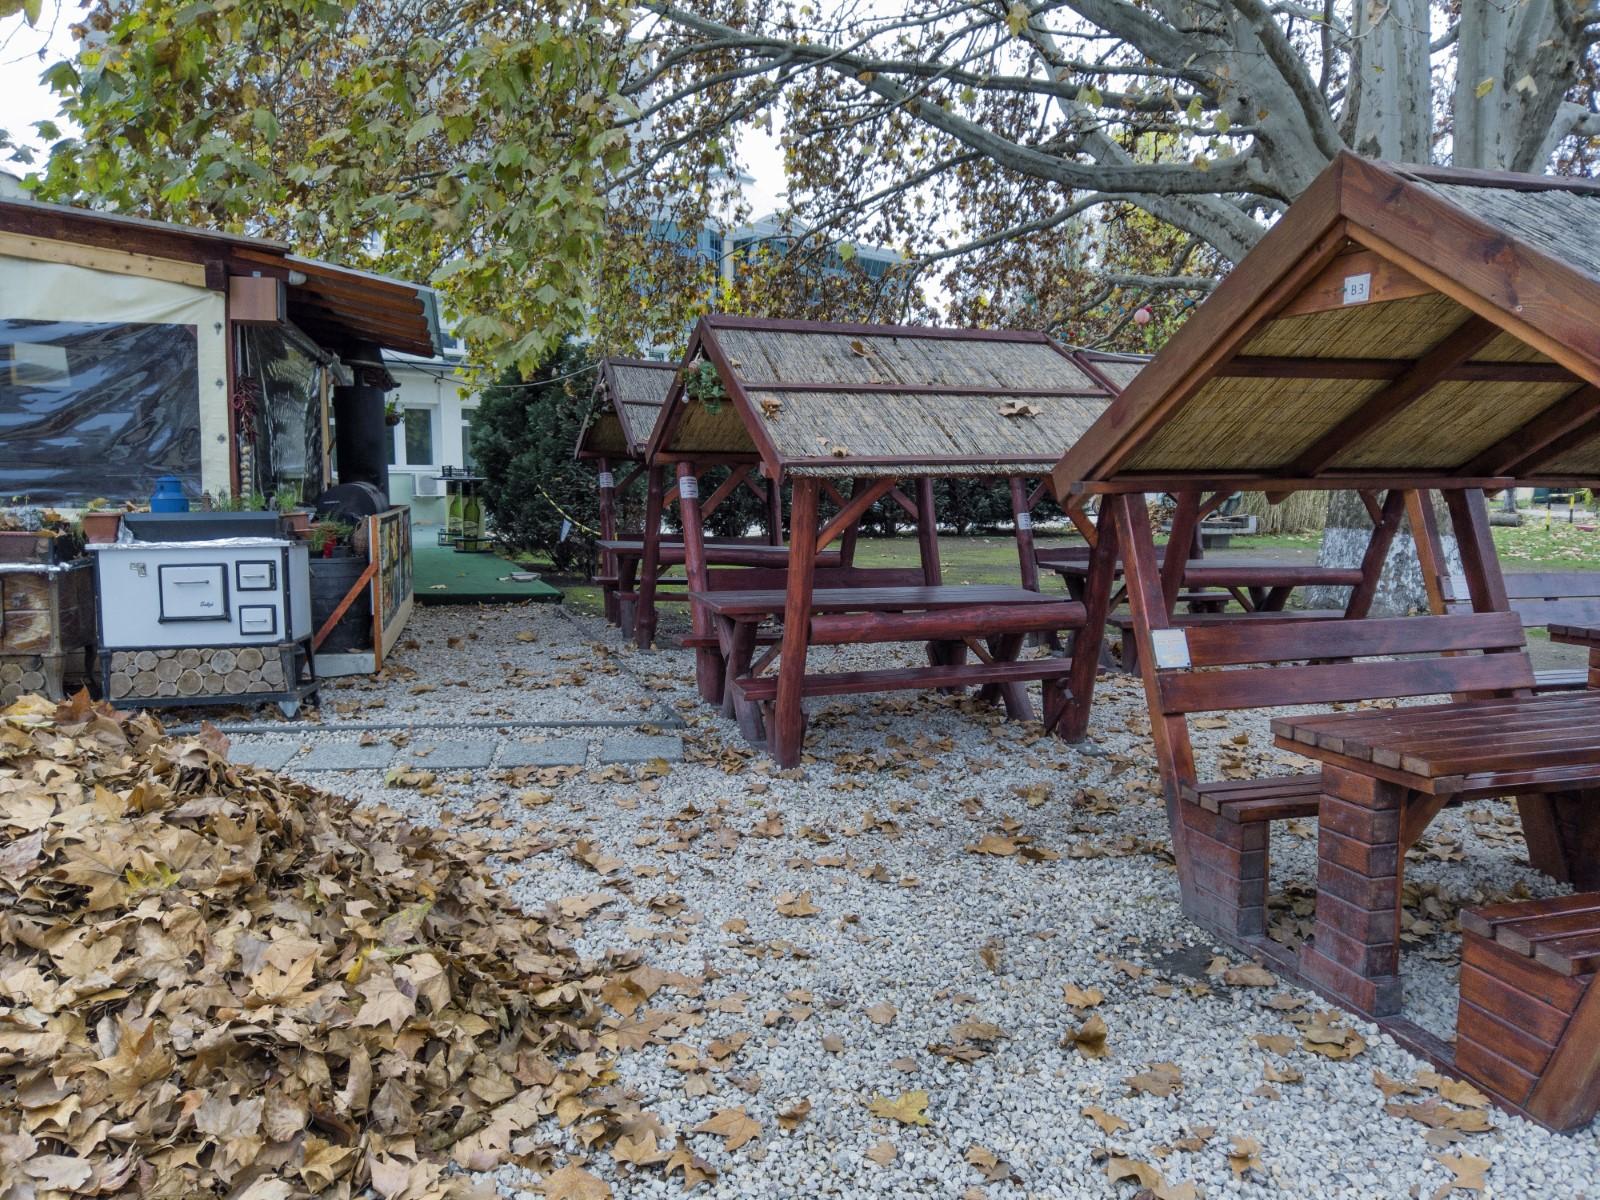 Campeggio a Budapest - Il ristorante